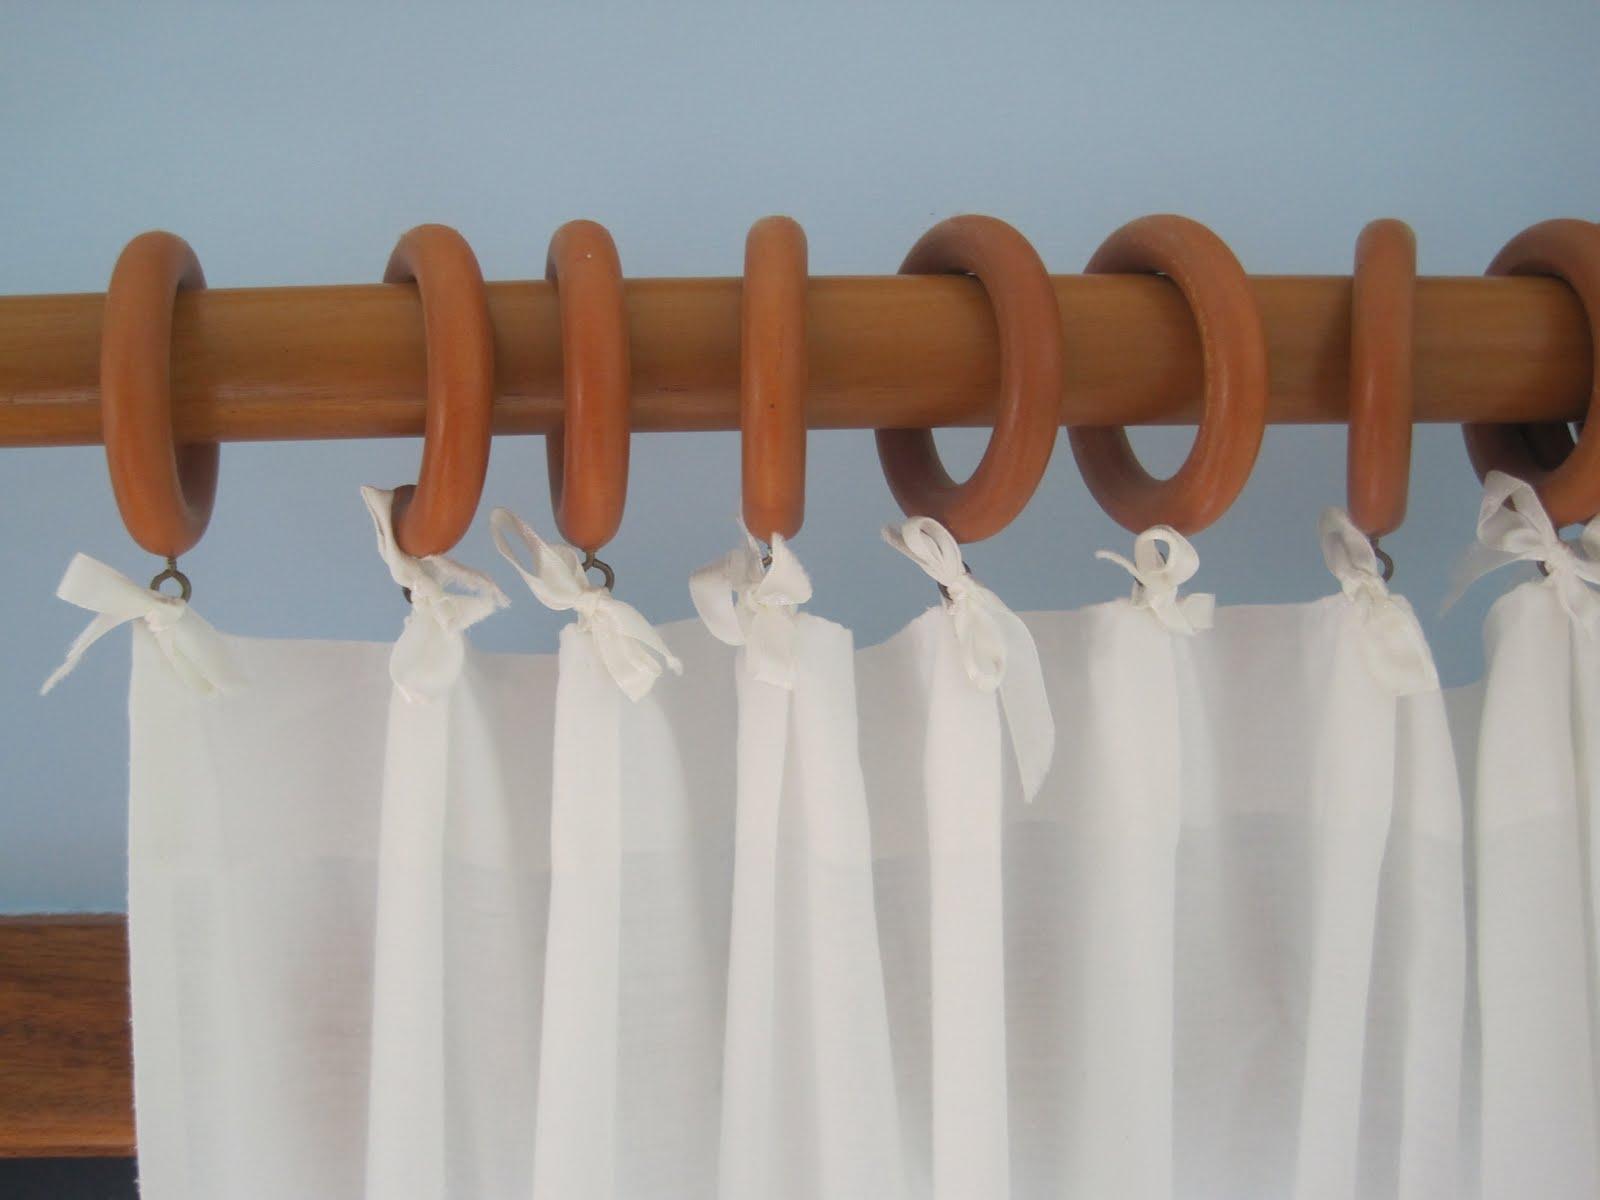 Петельки на штору своими руками «Мастерам 19